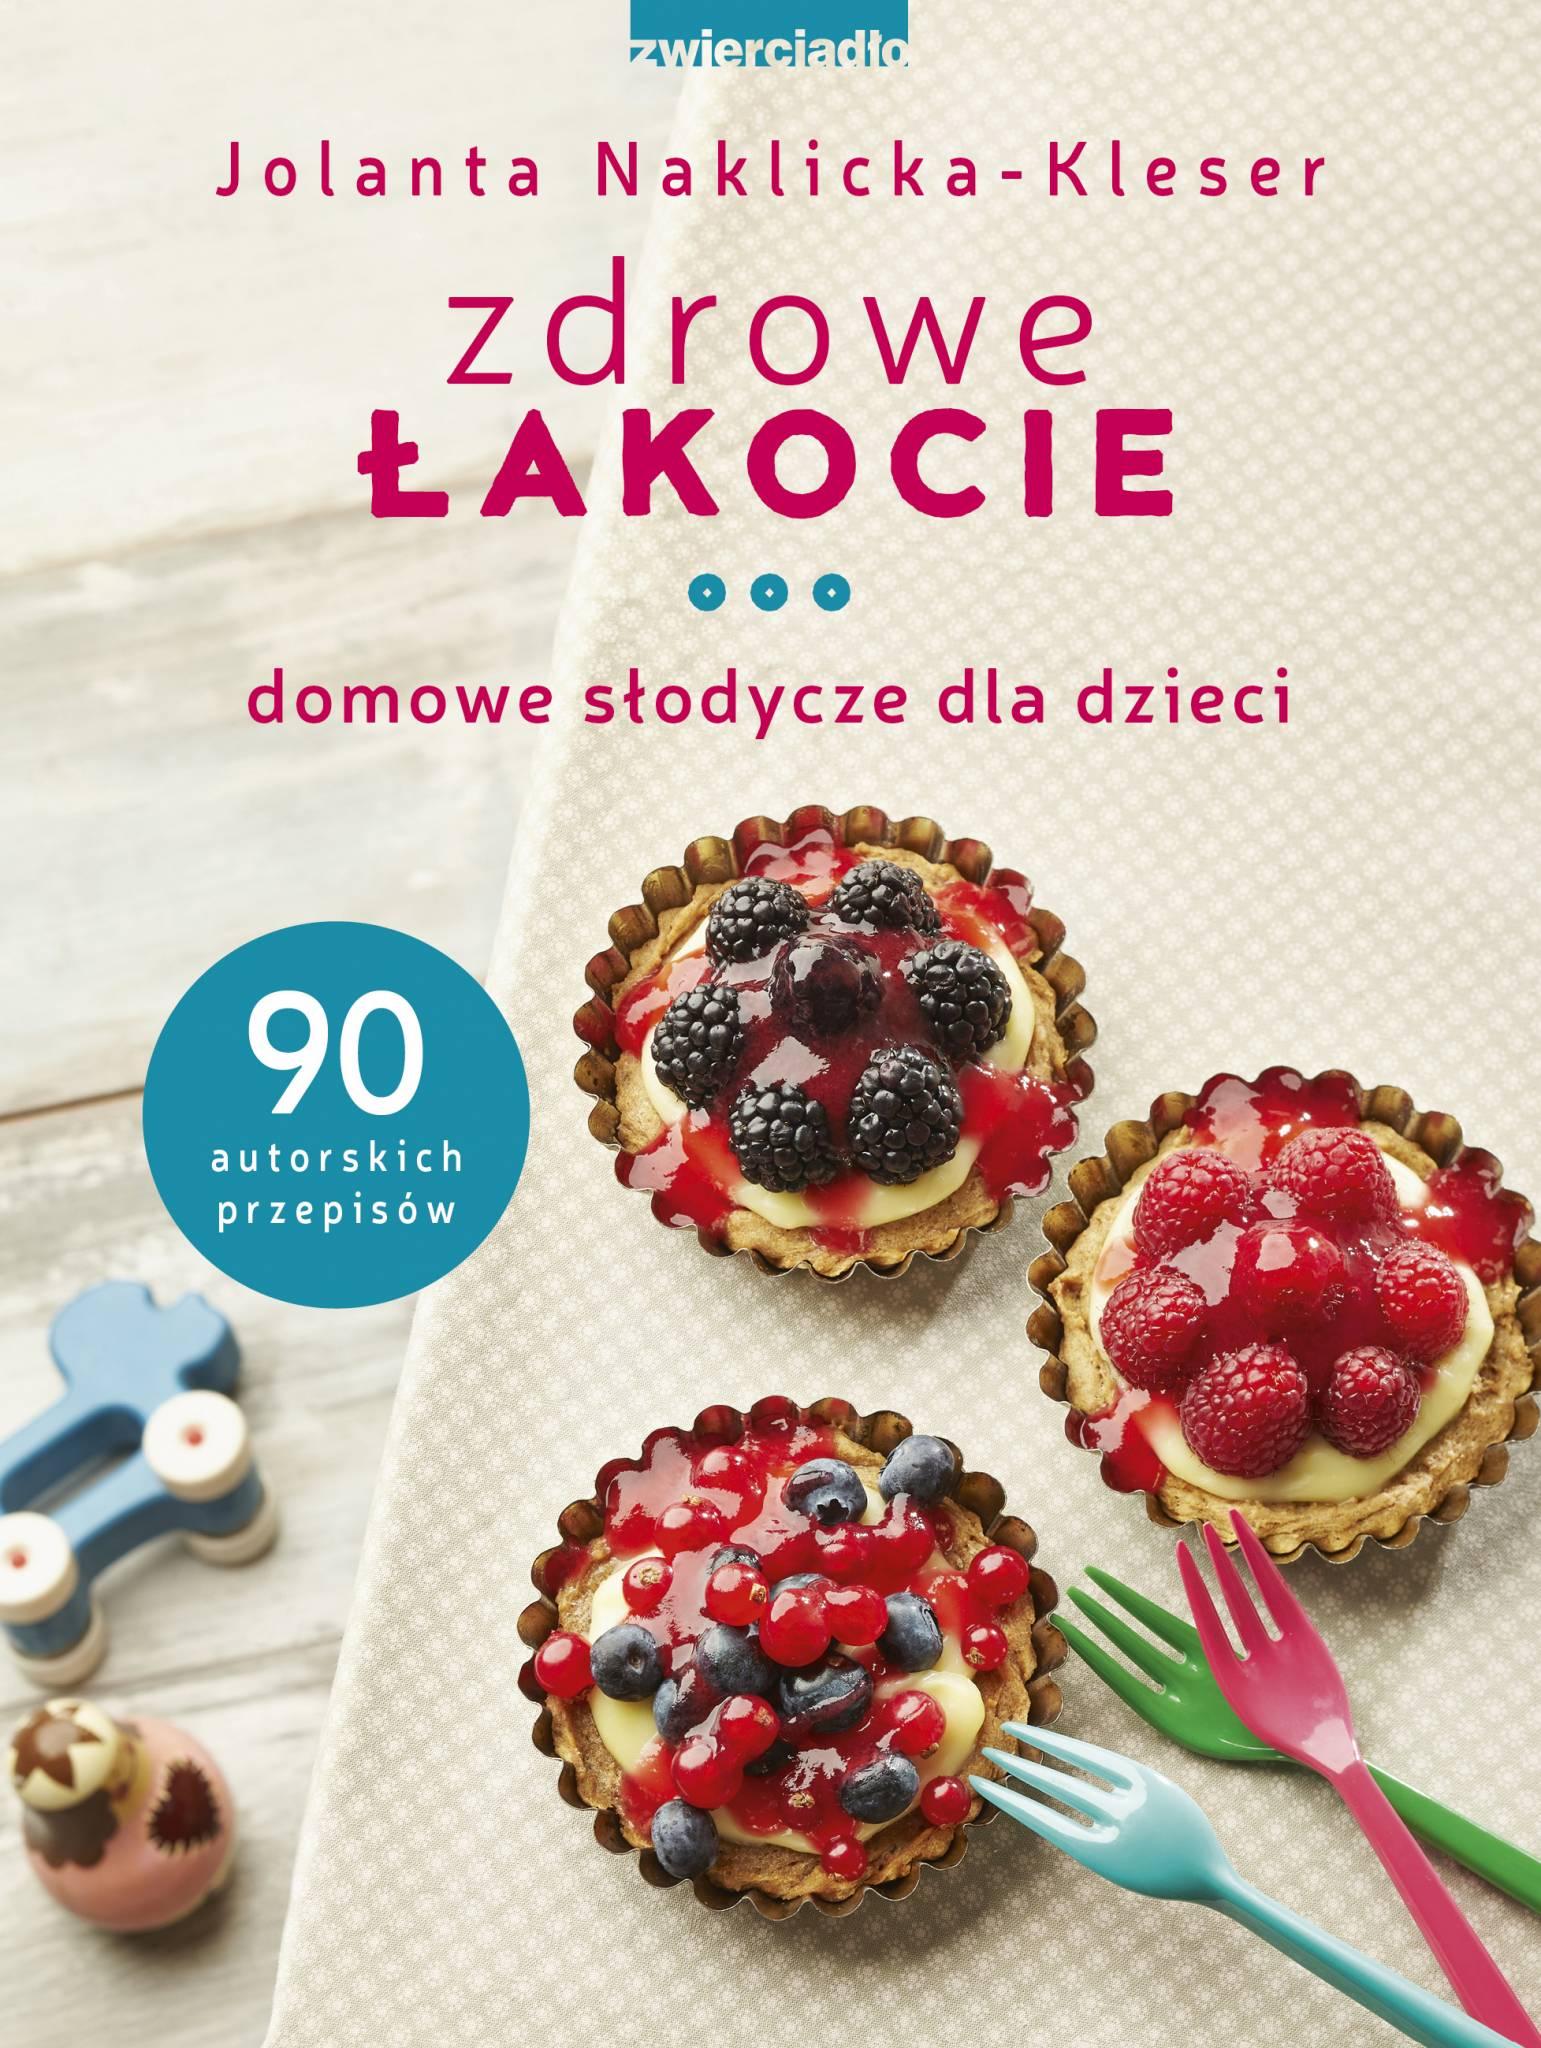 Zdrowe łakocie. Domowe słodycze dla dzieci - Jolanta Naklicka-Kleser